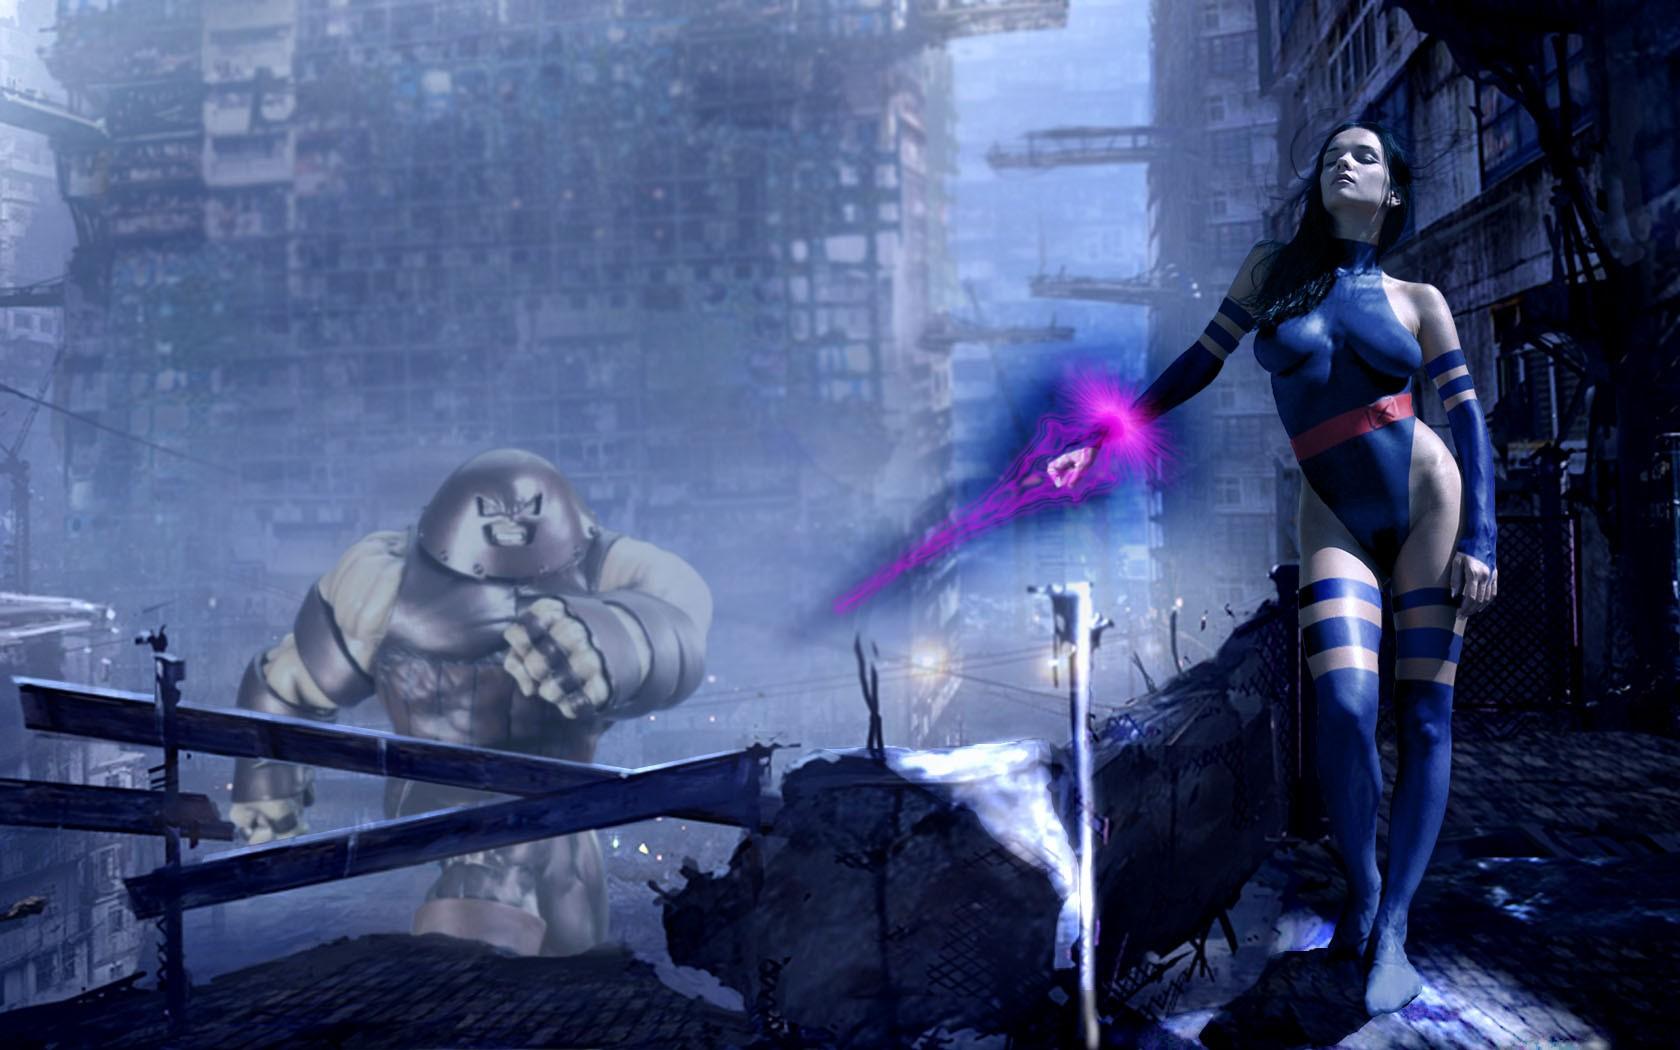 General 1680x1050 Psylocke superheroines Katie Fey Juggernaut bodysuit boobs big boobs dark hair closed eyes standing women model